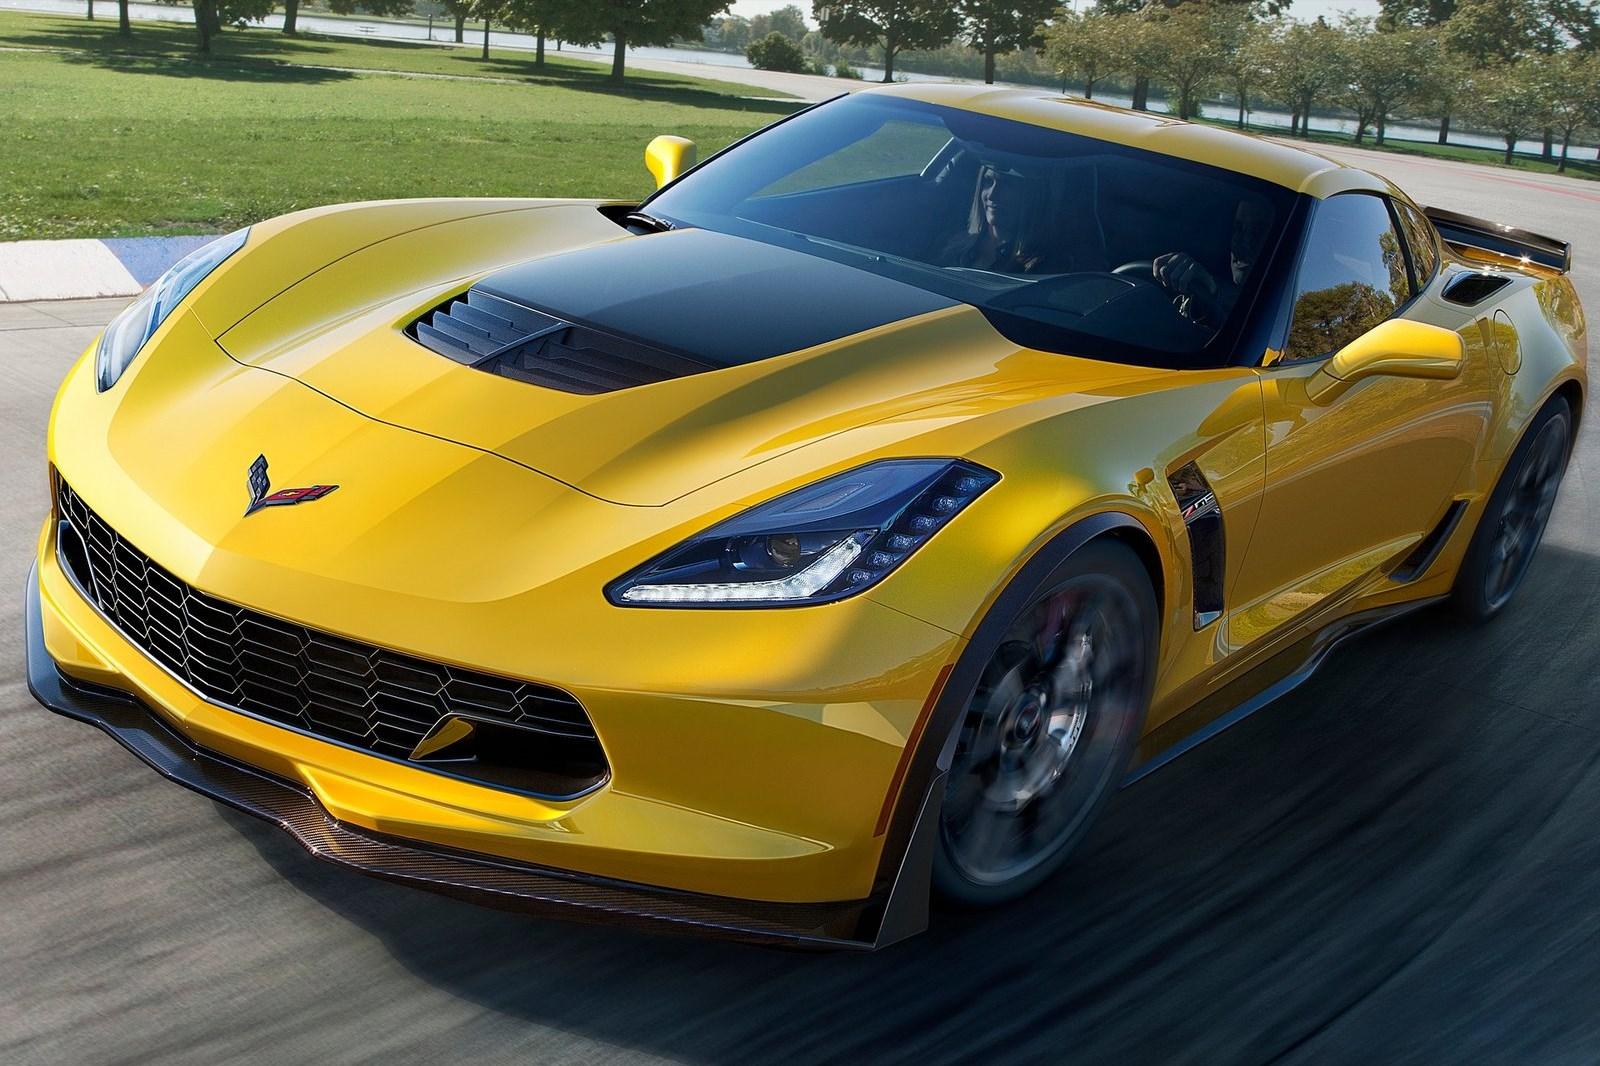 chevrolet corvette z06 stingray c7 autotribute. Cars Review. Best American Auto & Cars Review